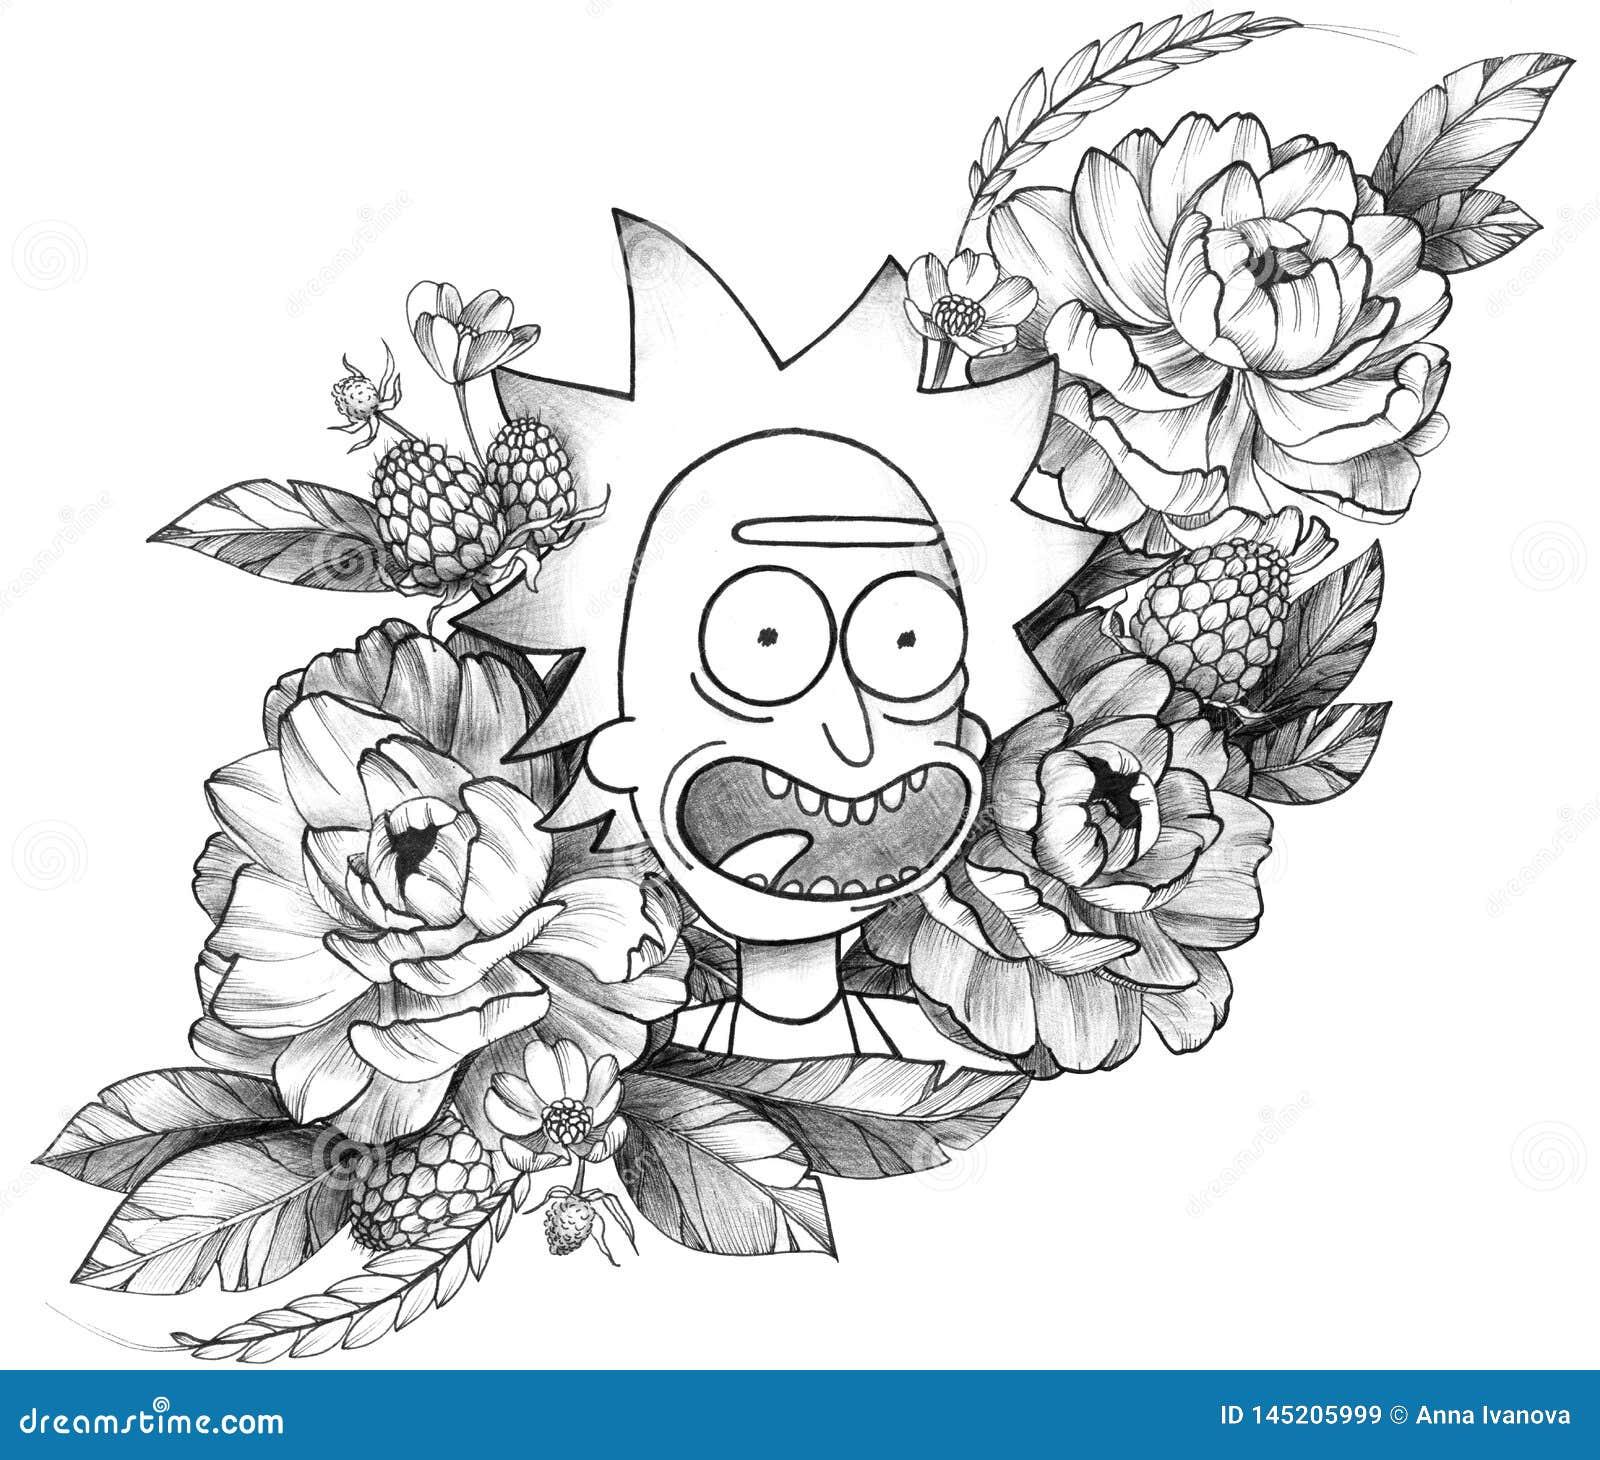 Μαύρη λεπτομερής μελάνι δερματοστιξία αστείο Rick στη Floral σύνθεση